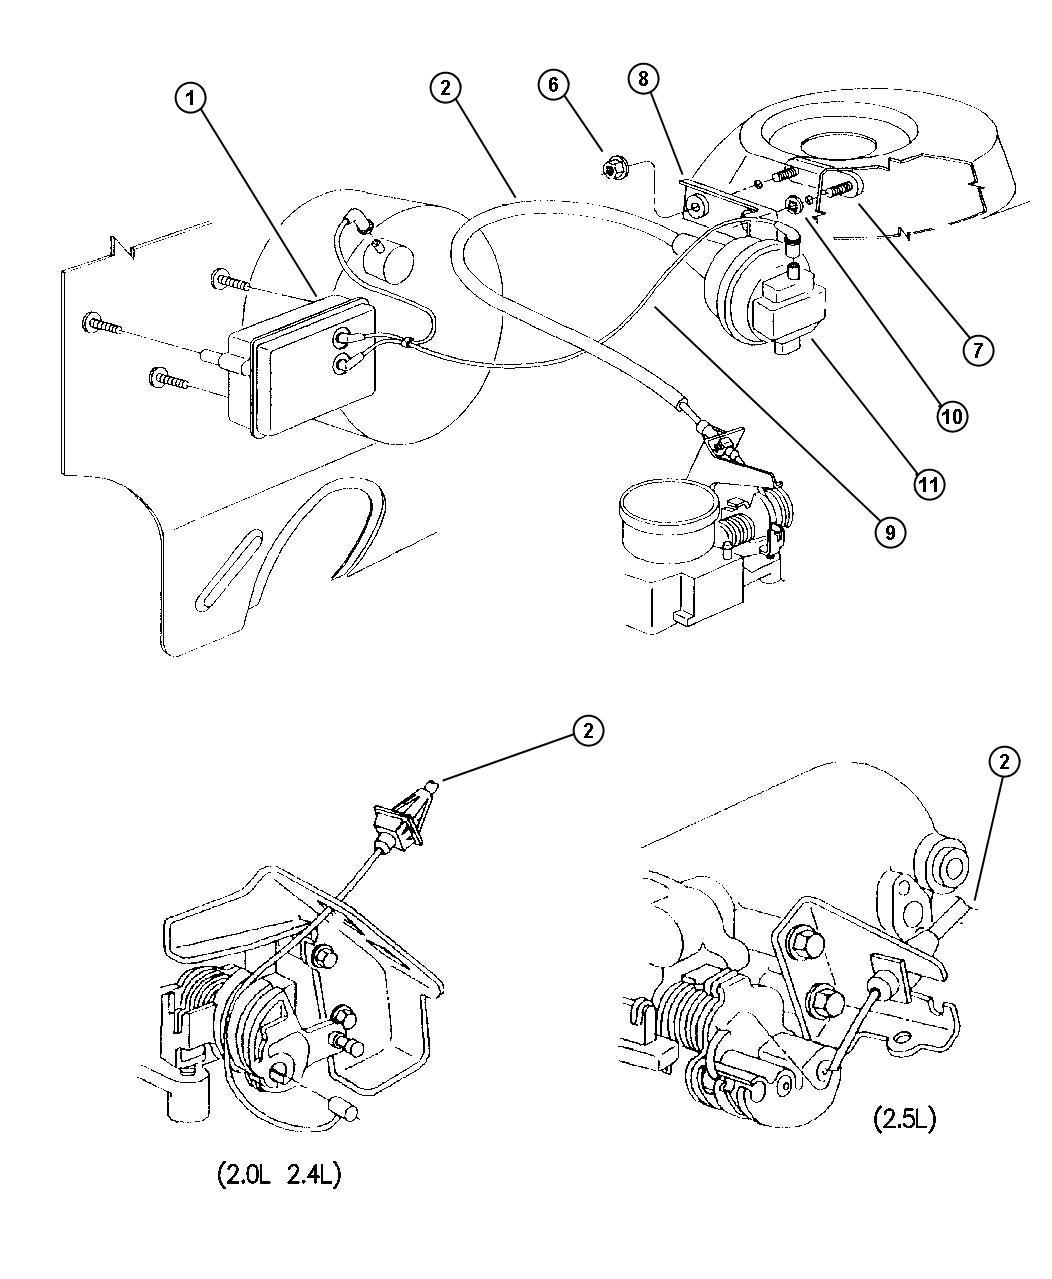 Plymouth Breeze Speed Control 2 0l 2 4l 2 5l Engine